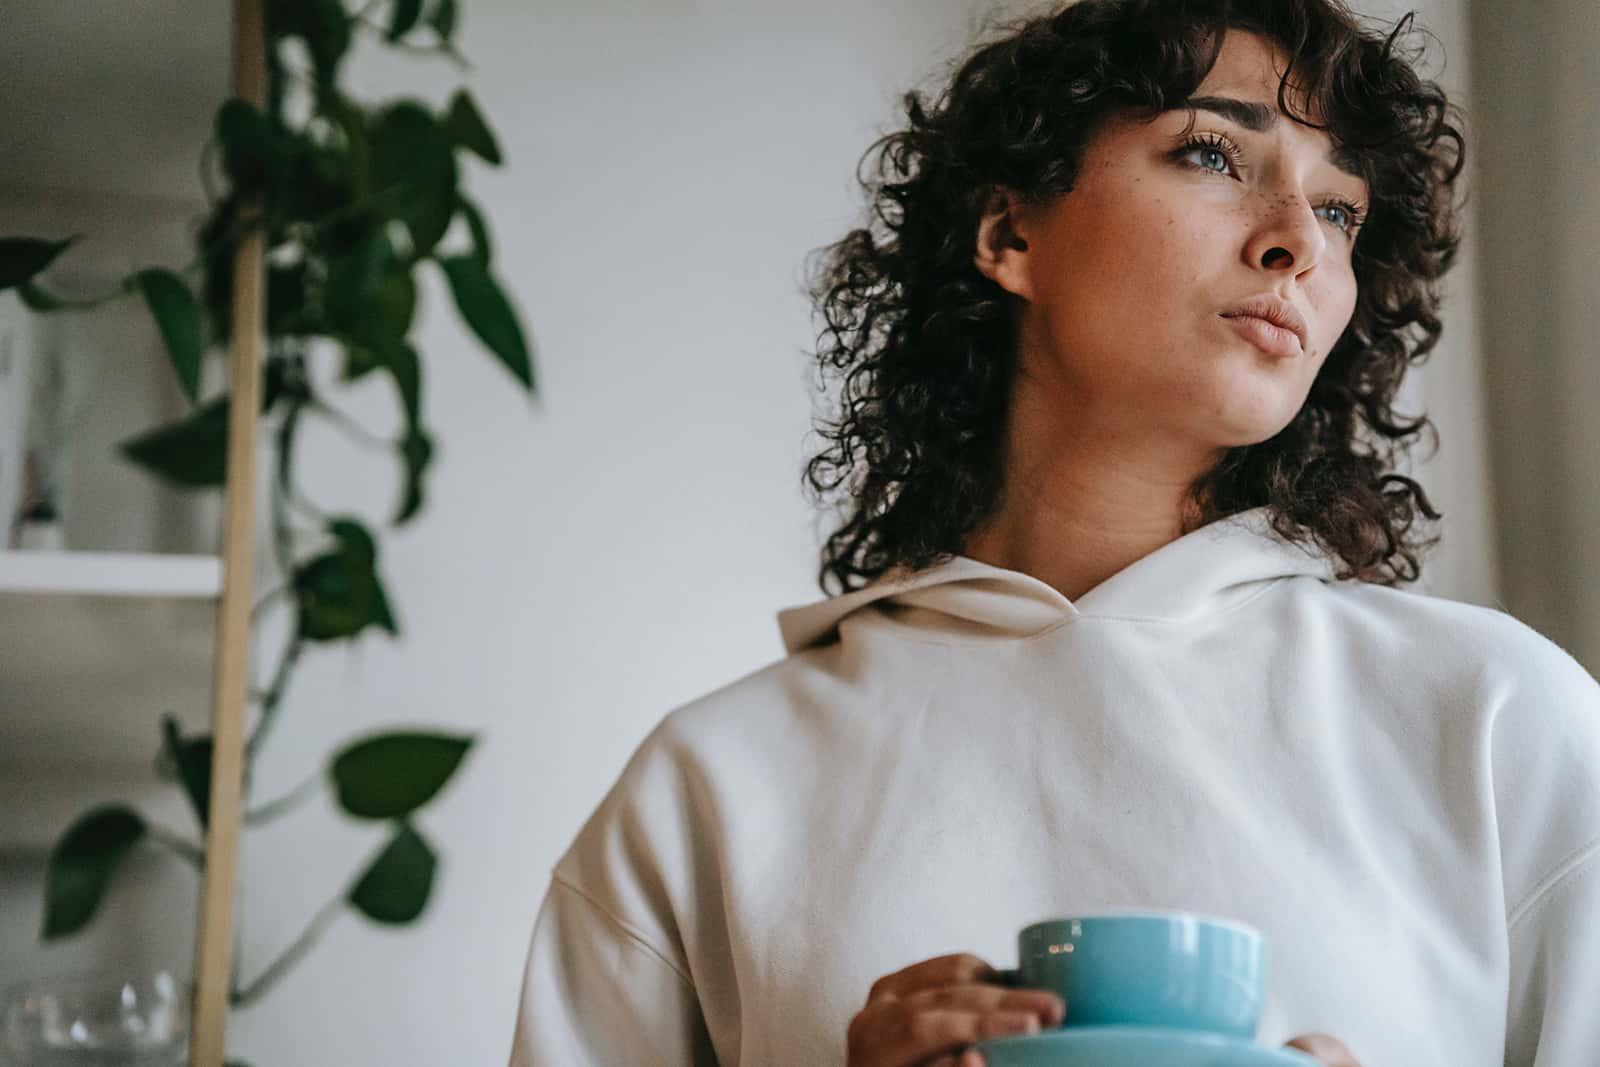 nachdenkliche Frau hält eine Tasse Kaffee und schaut zur Seite